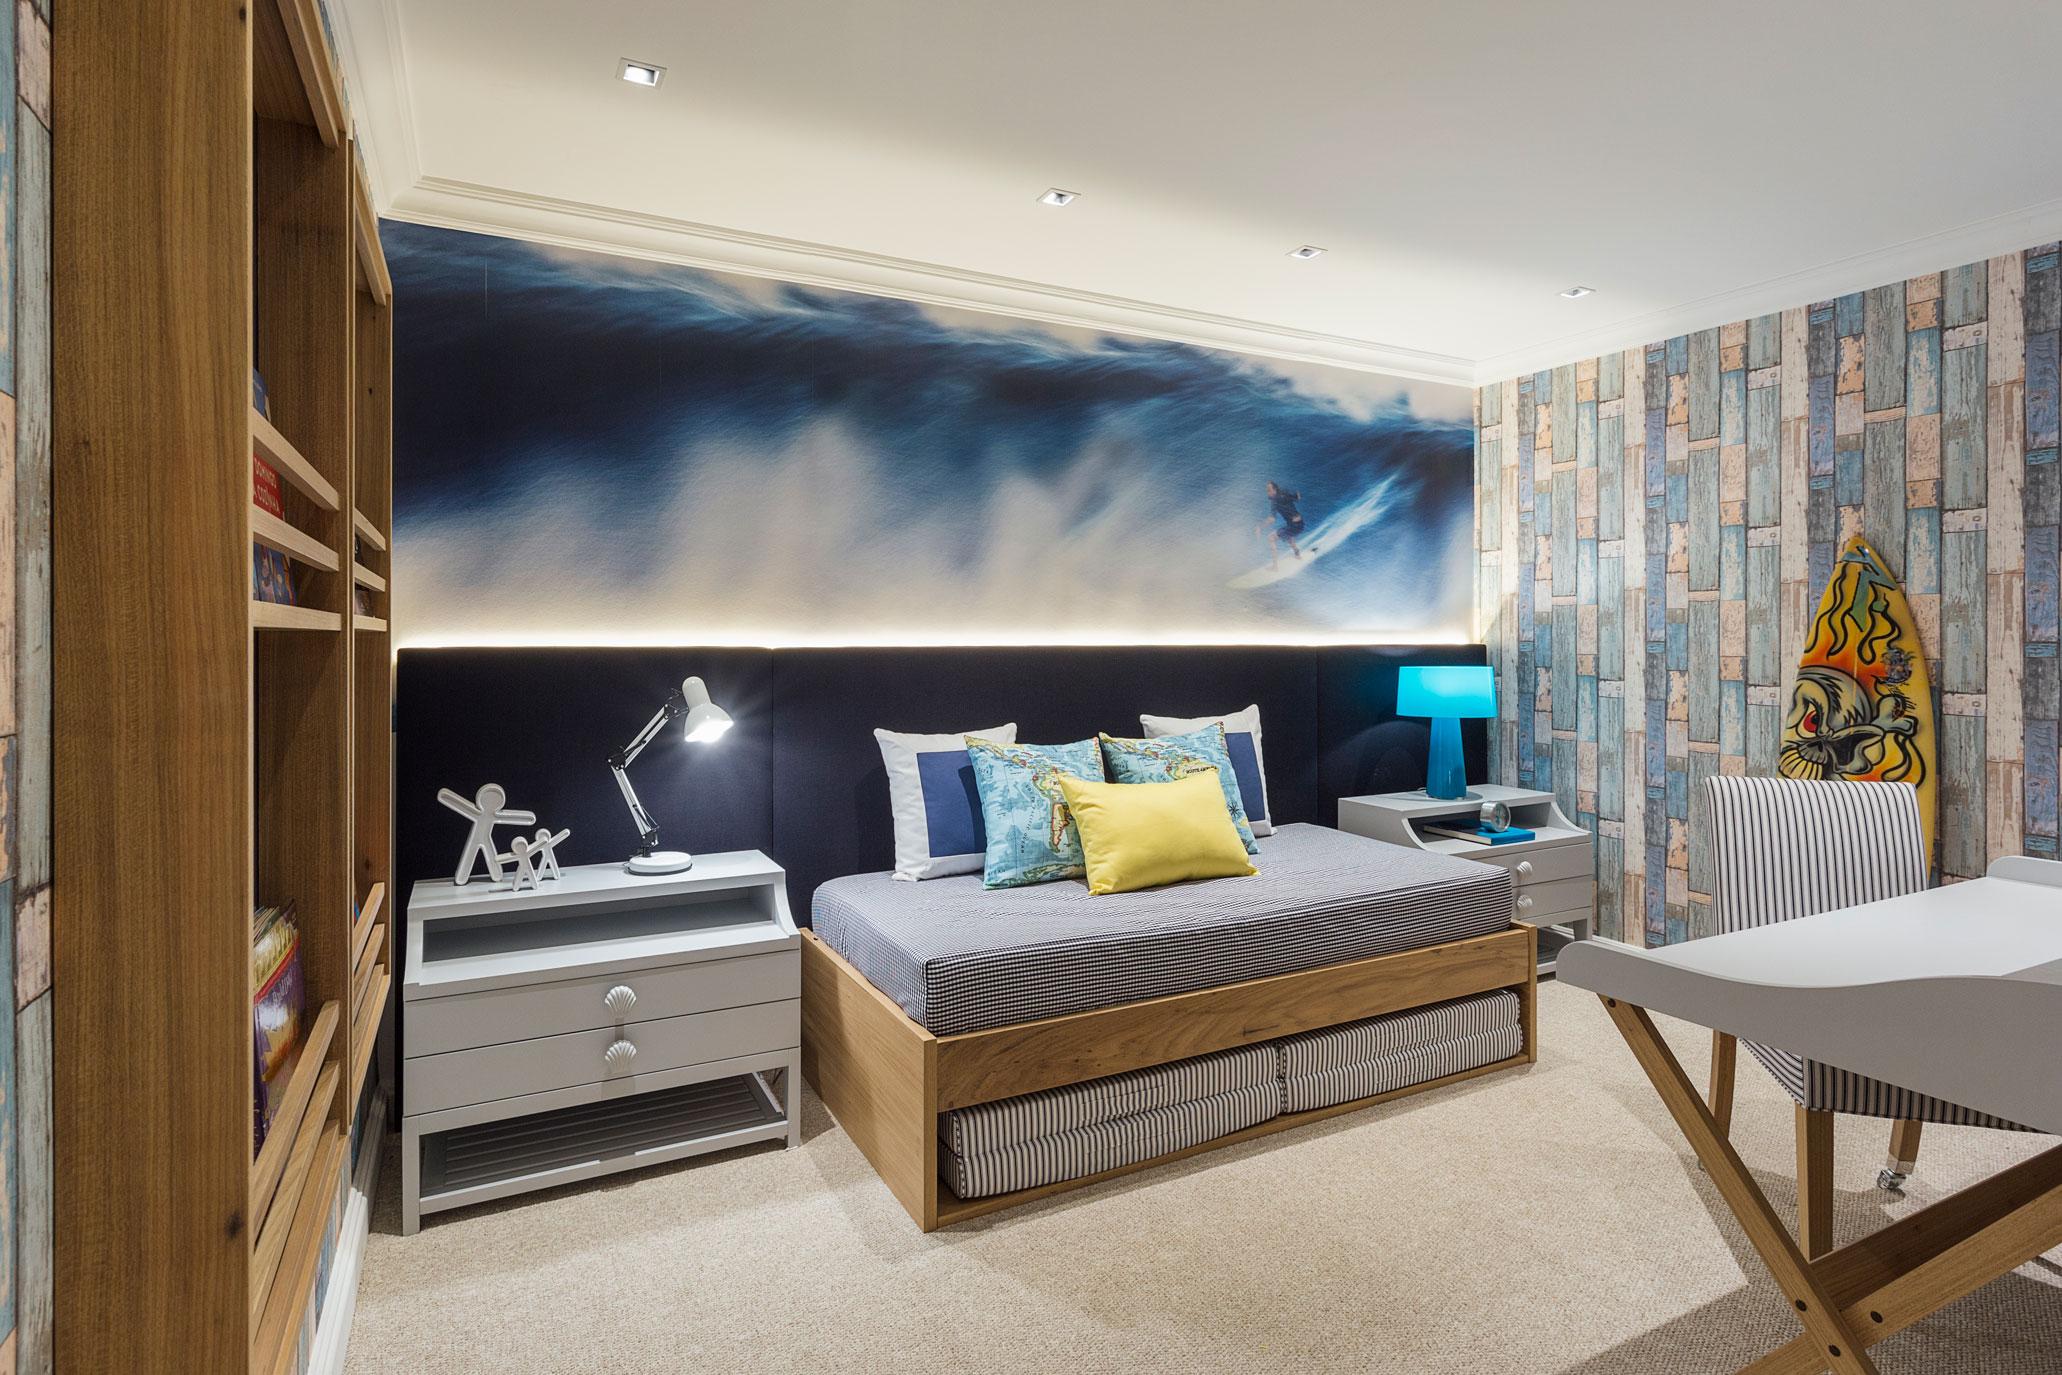 Pensado para um menino surfista e na praia de Maresias, no Litoral de São Paulo, o profissional trabalhou a parte lúdica da praia com cores e desenhos em papel de parede.